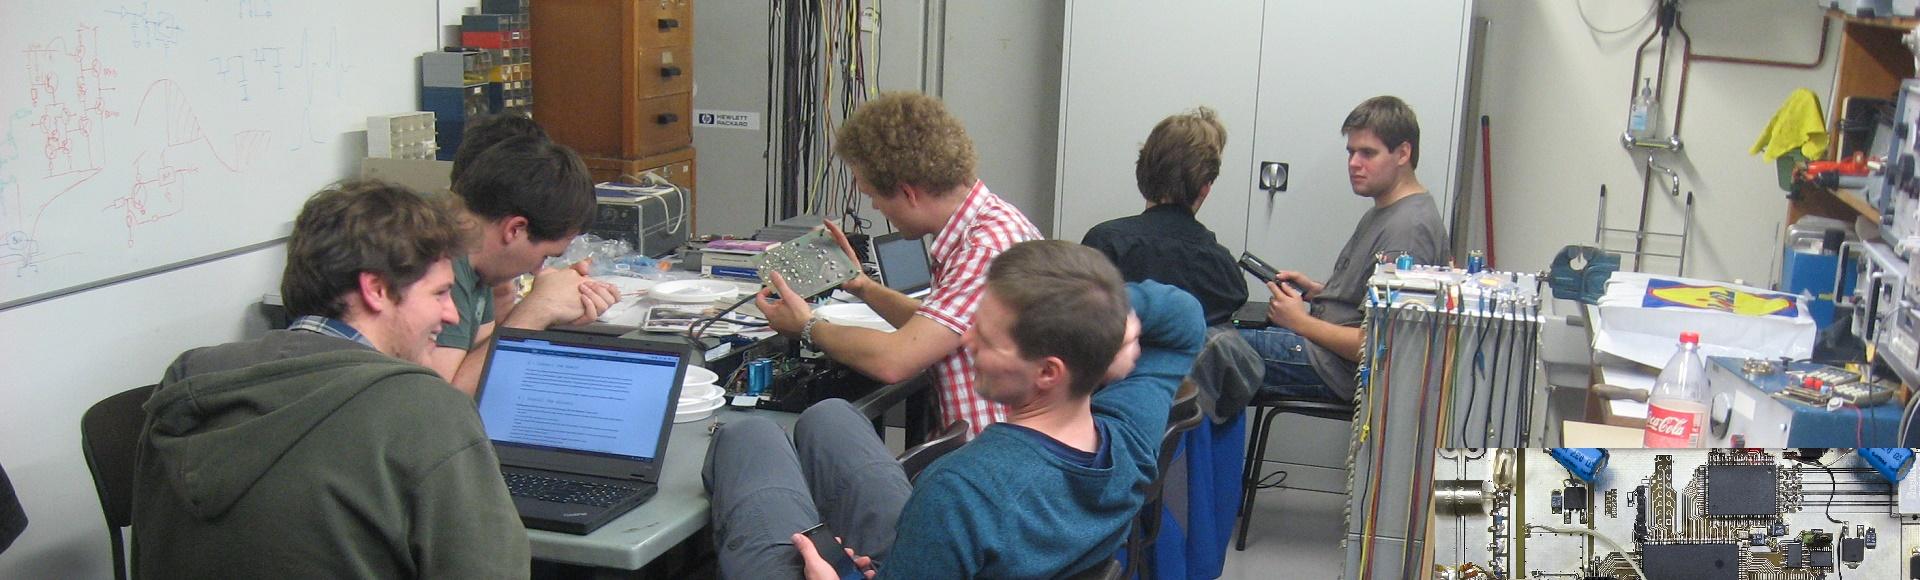 Hobby-elektronica bij de ETGD